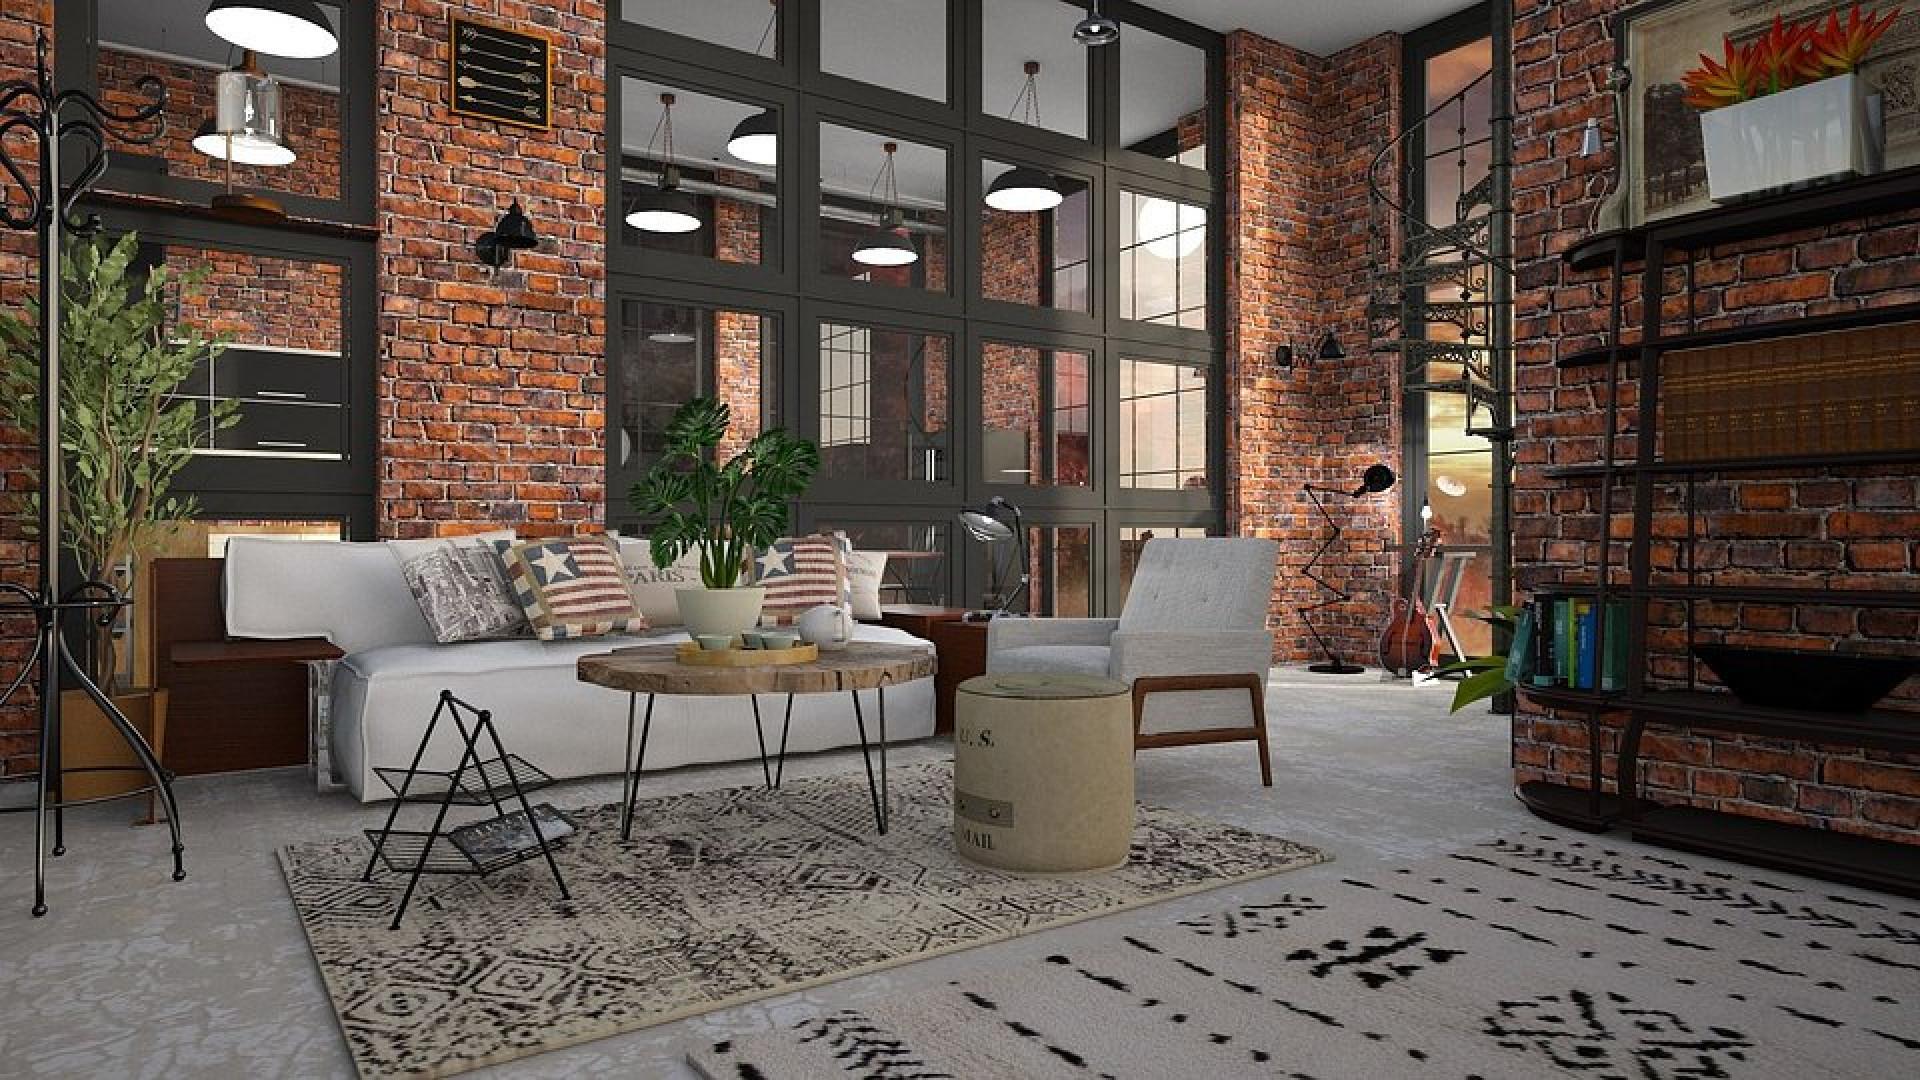 Współcześnie styl industrialny z powodzeniem możemy wprowadzić do tradycyjnych mieszkań, a nawet do kawalerek czy pojedynczych pomieszczeń. Fot. Materiały prasowe Publicum